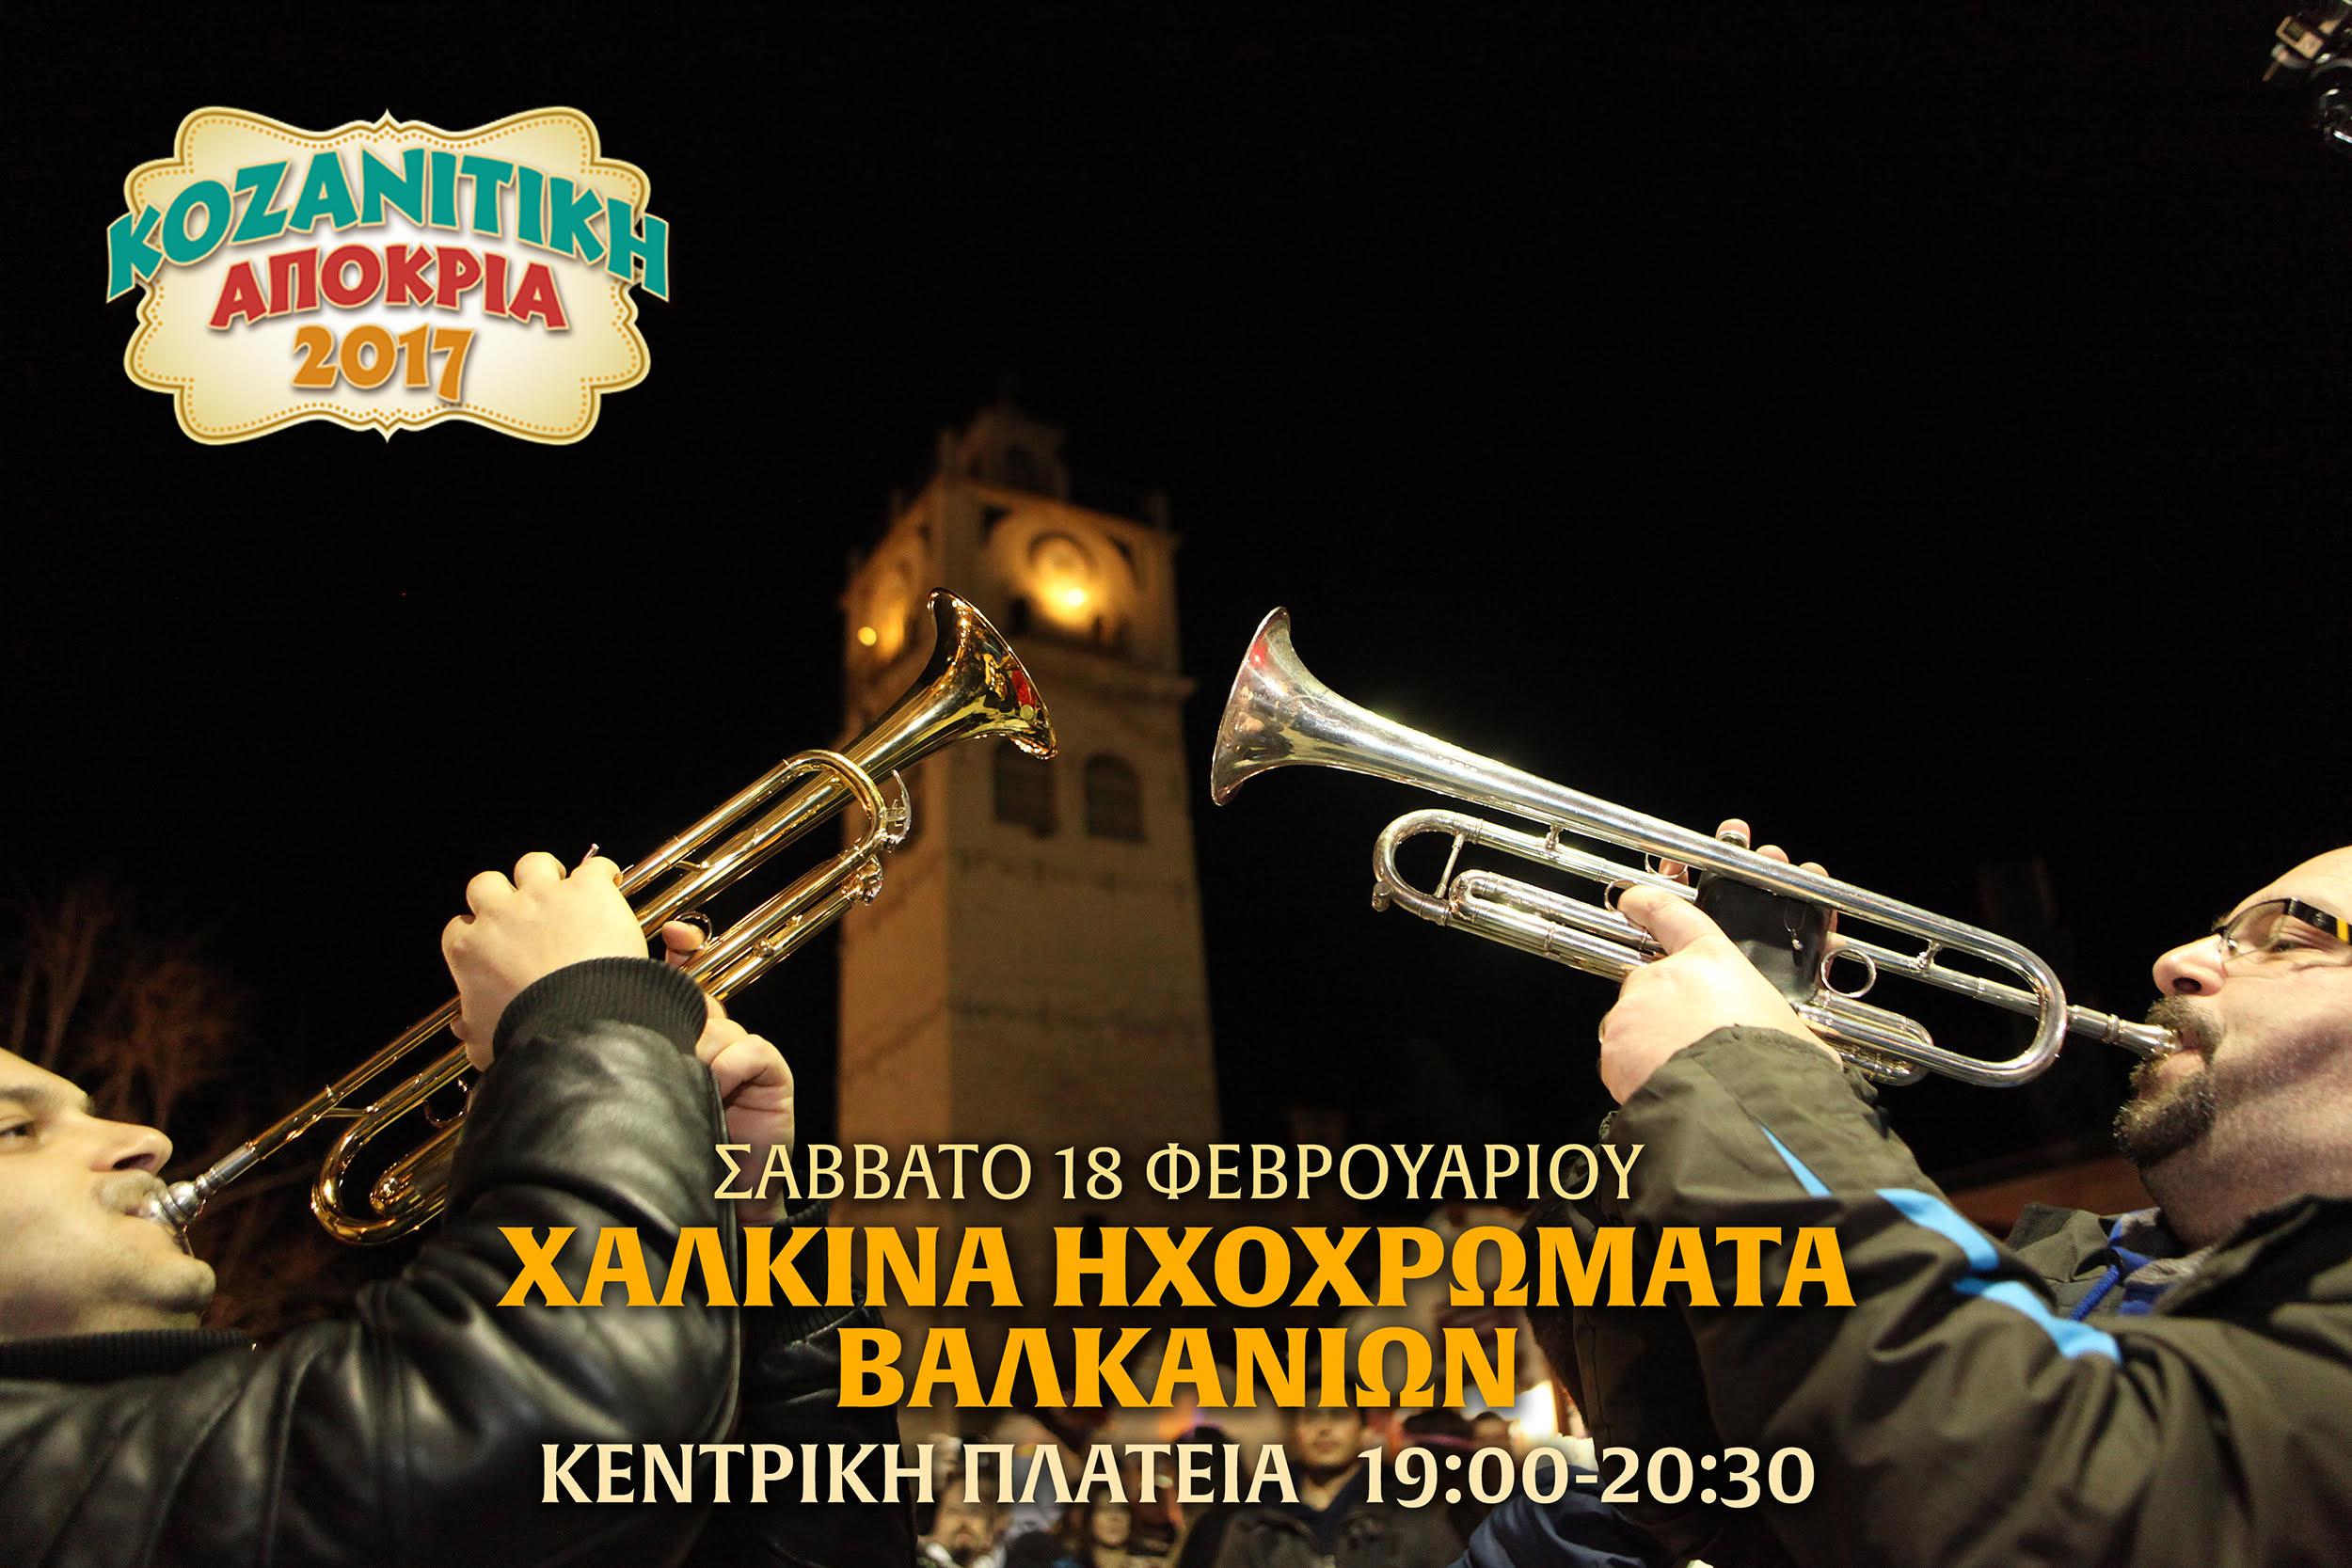 Χάλκινα Ηχοχρώματα Βαλκανίων & Βραδιά Κοζανίτικης Γαστρονομίας, το Σάββατο της Μικρής Αποκριάς στις 18 Φεβρουαρίου